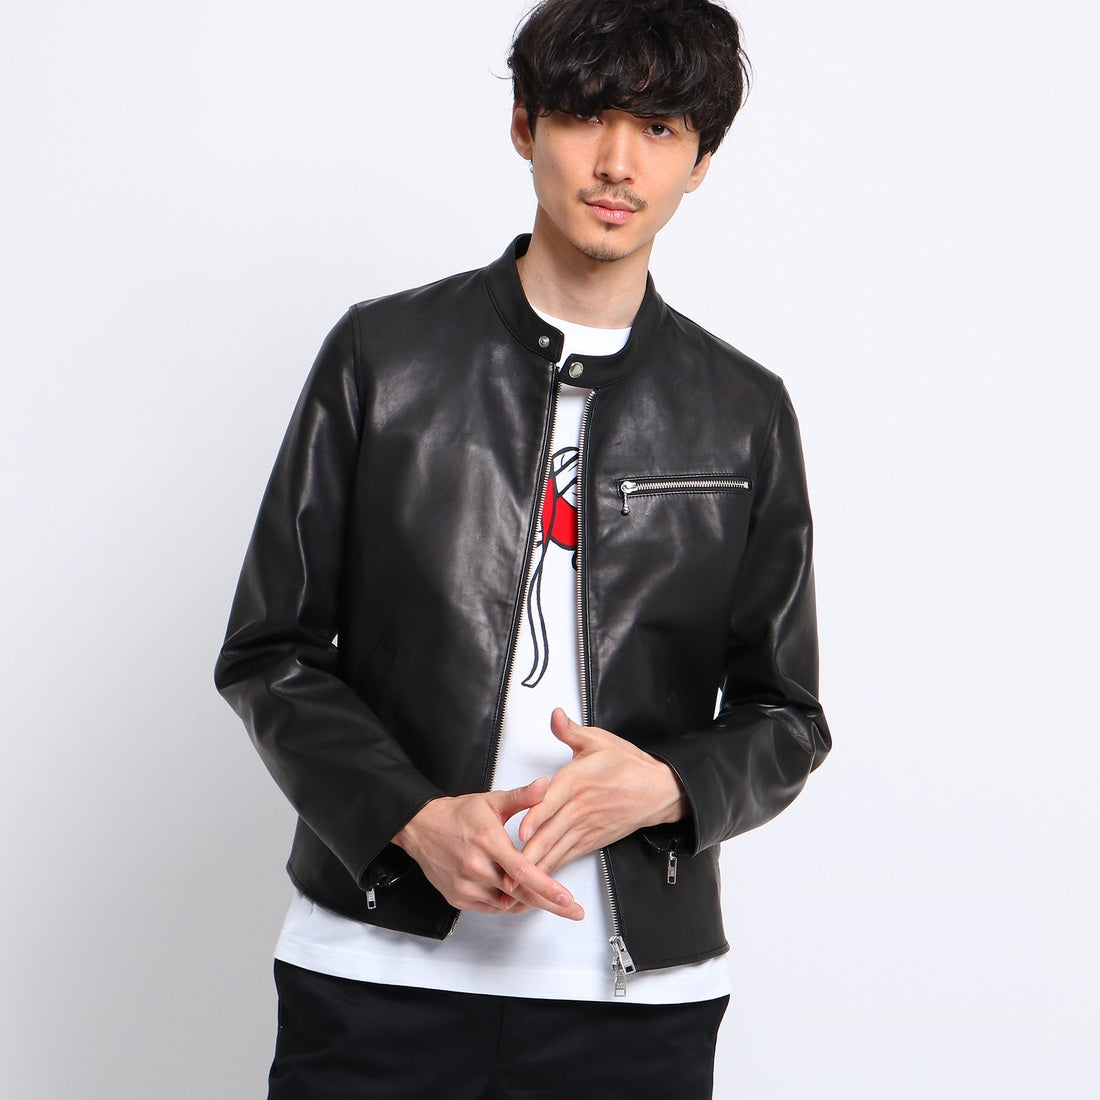 タケオ キクチ TAKEO KIKUCHI 羊革シングル ライダース [ メンズ レザー ] (ブラック)